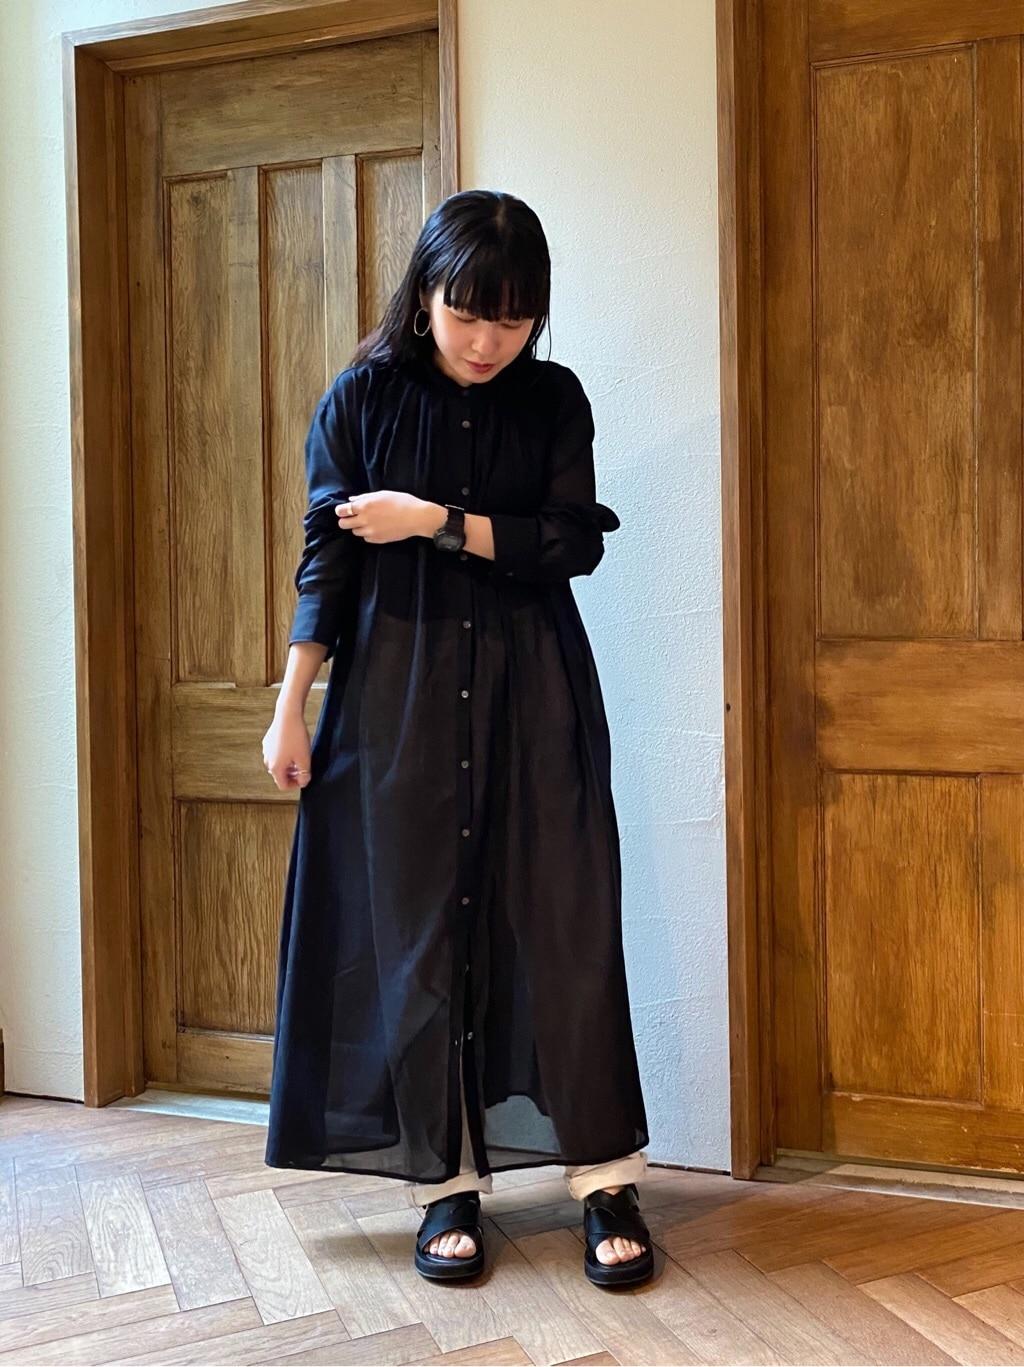 yuni 京都路面 身長:152cm 2020.06.15